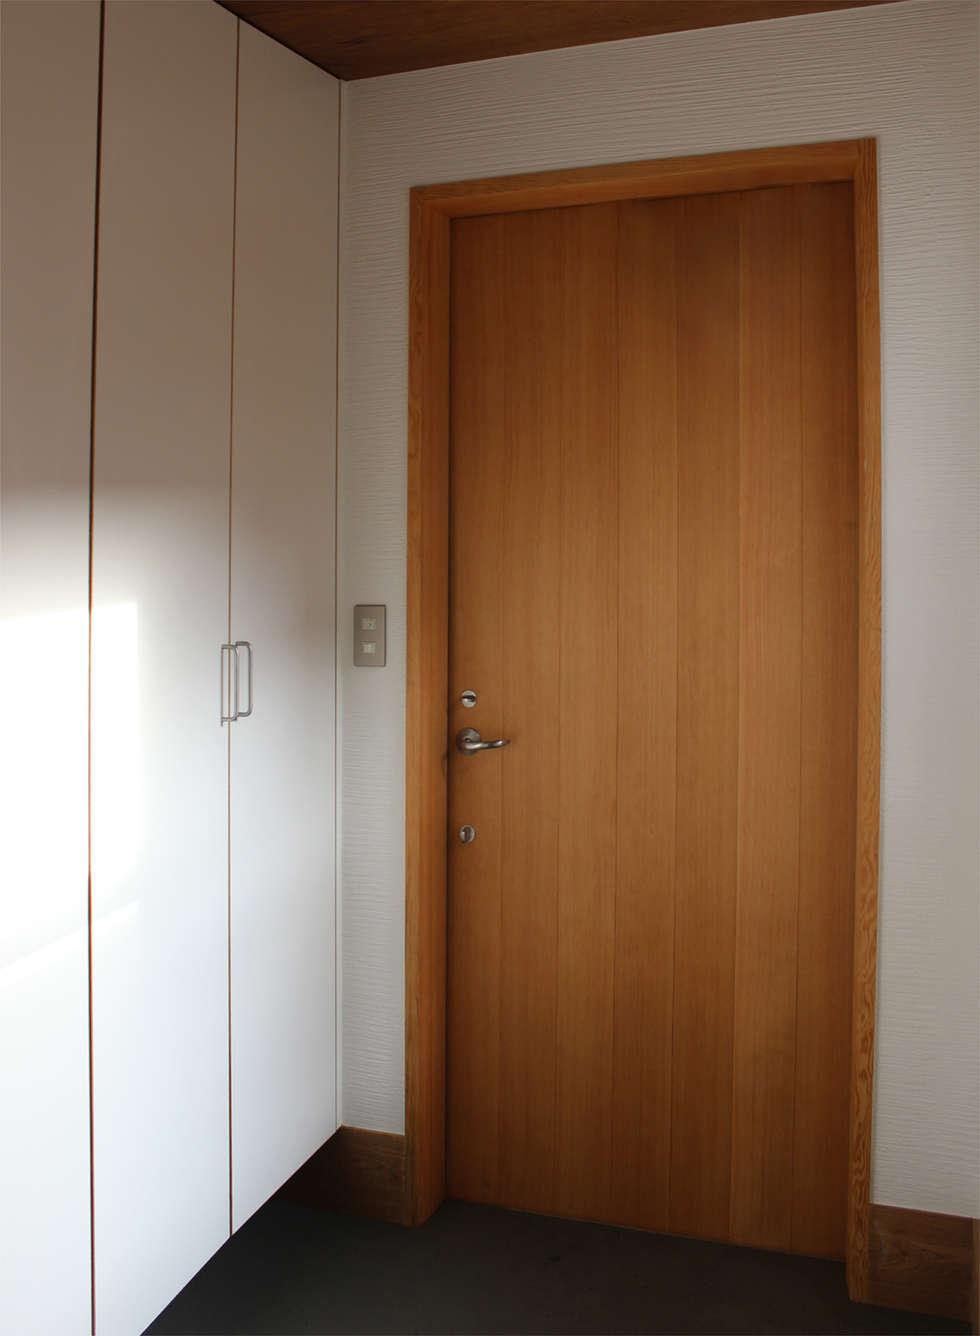 一里塚コートハウス: 竹内裕矢設計店が手掛けた窓です。